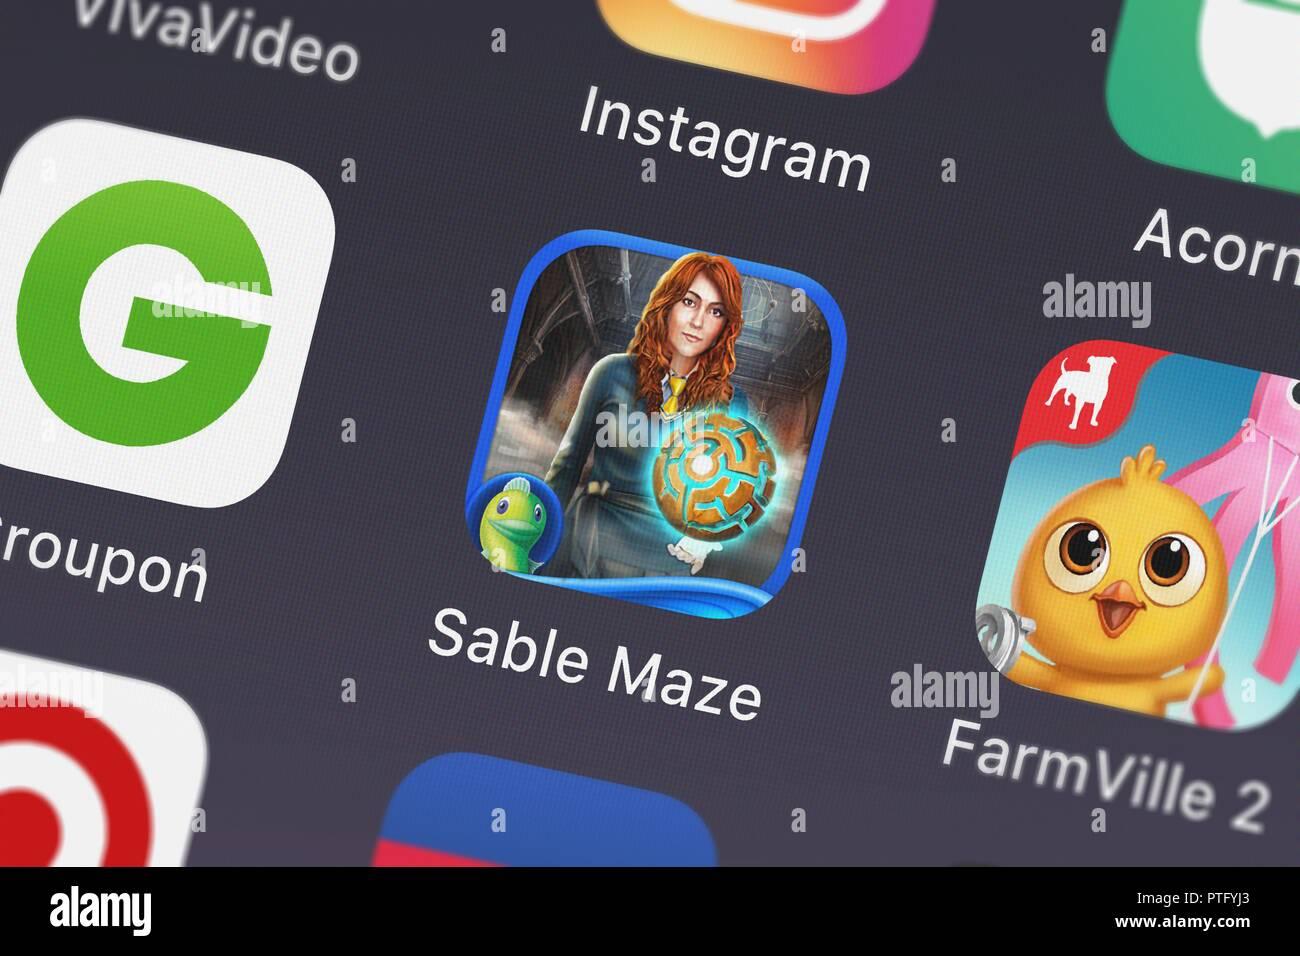 Sable Maze: Norwich Caves Walkthrough - Big Fish Games Play Sable Maze: Norwich Caves Collector s Edition at All